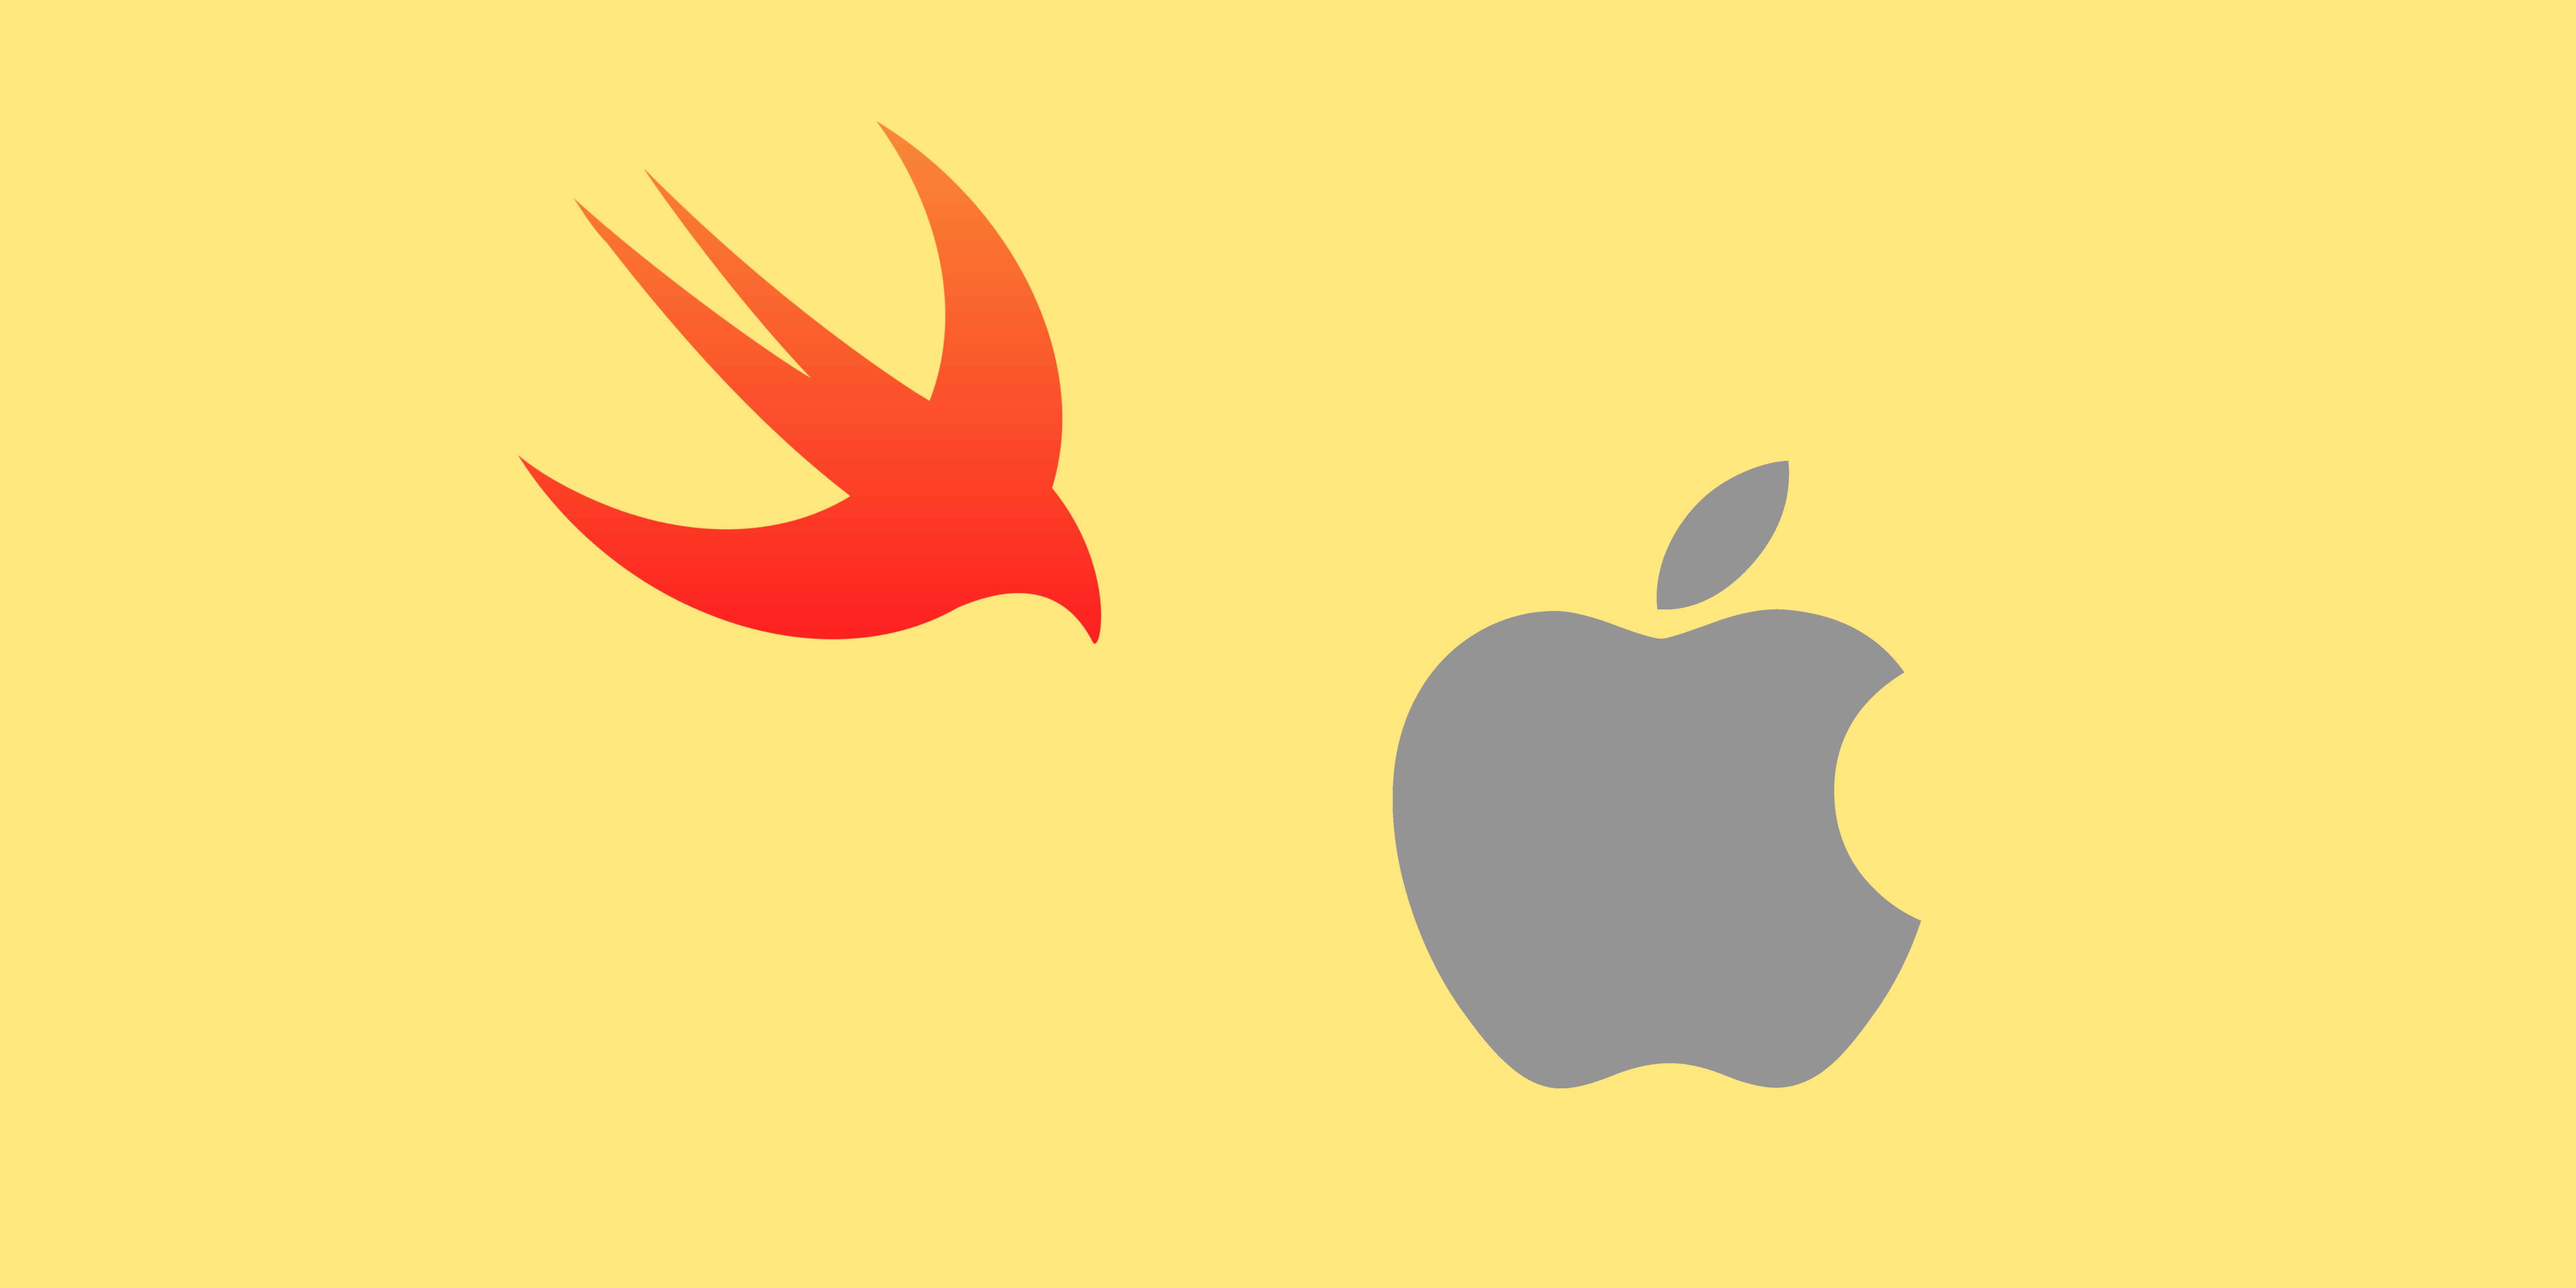 🍏 Как начать разрабатывать iOS-приложения с нуля